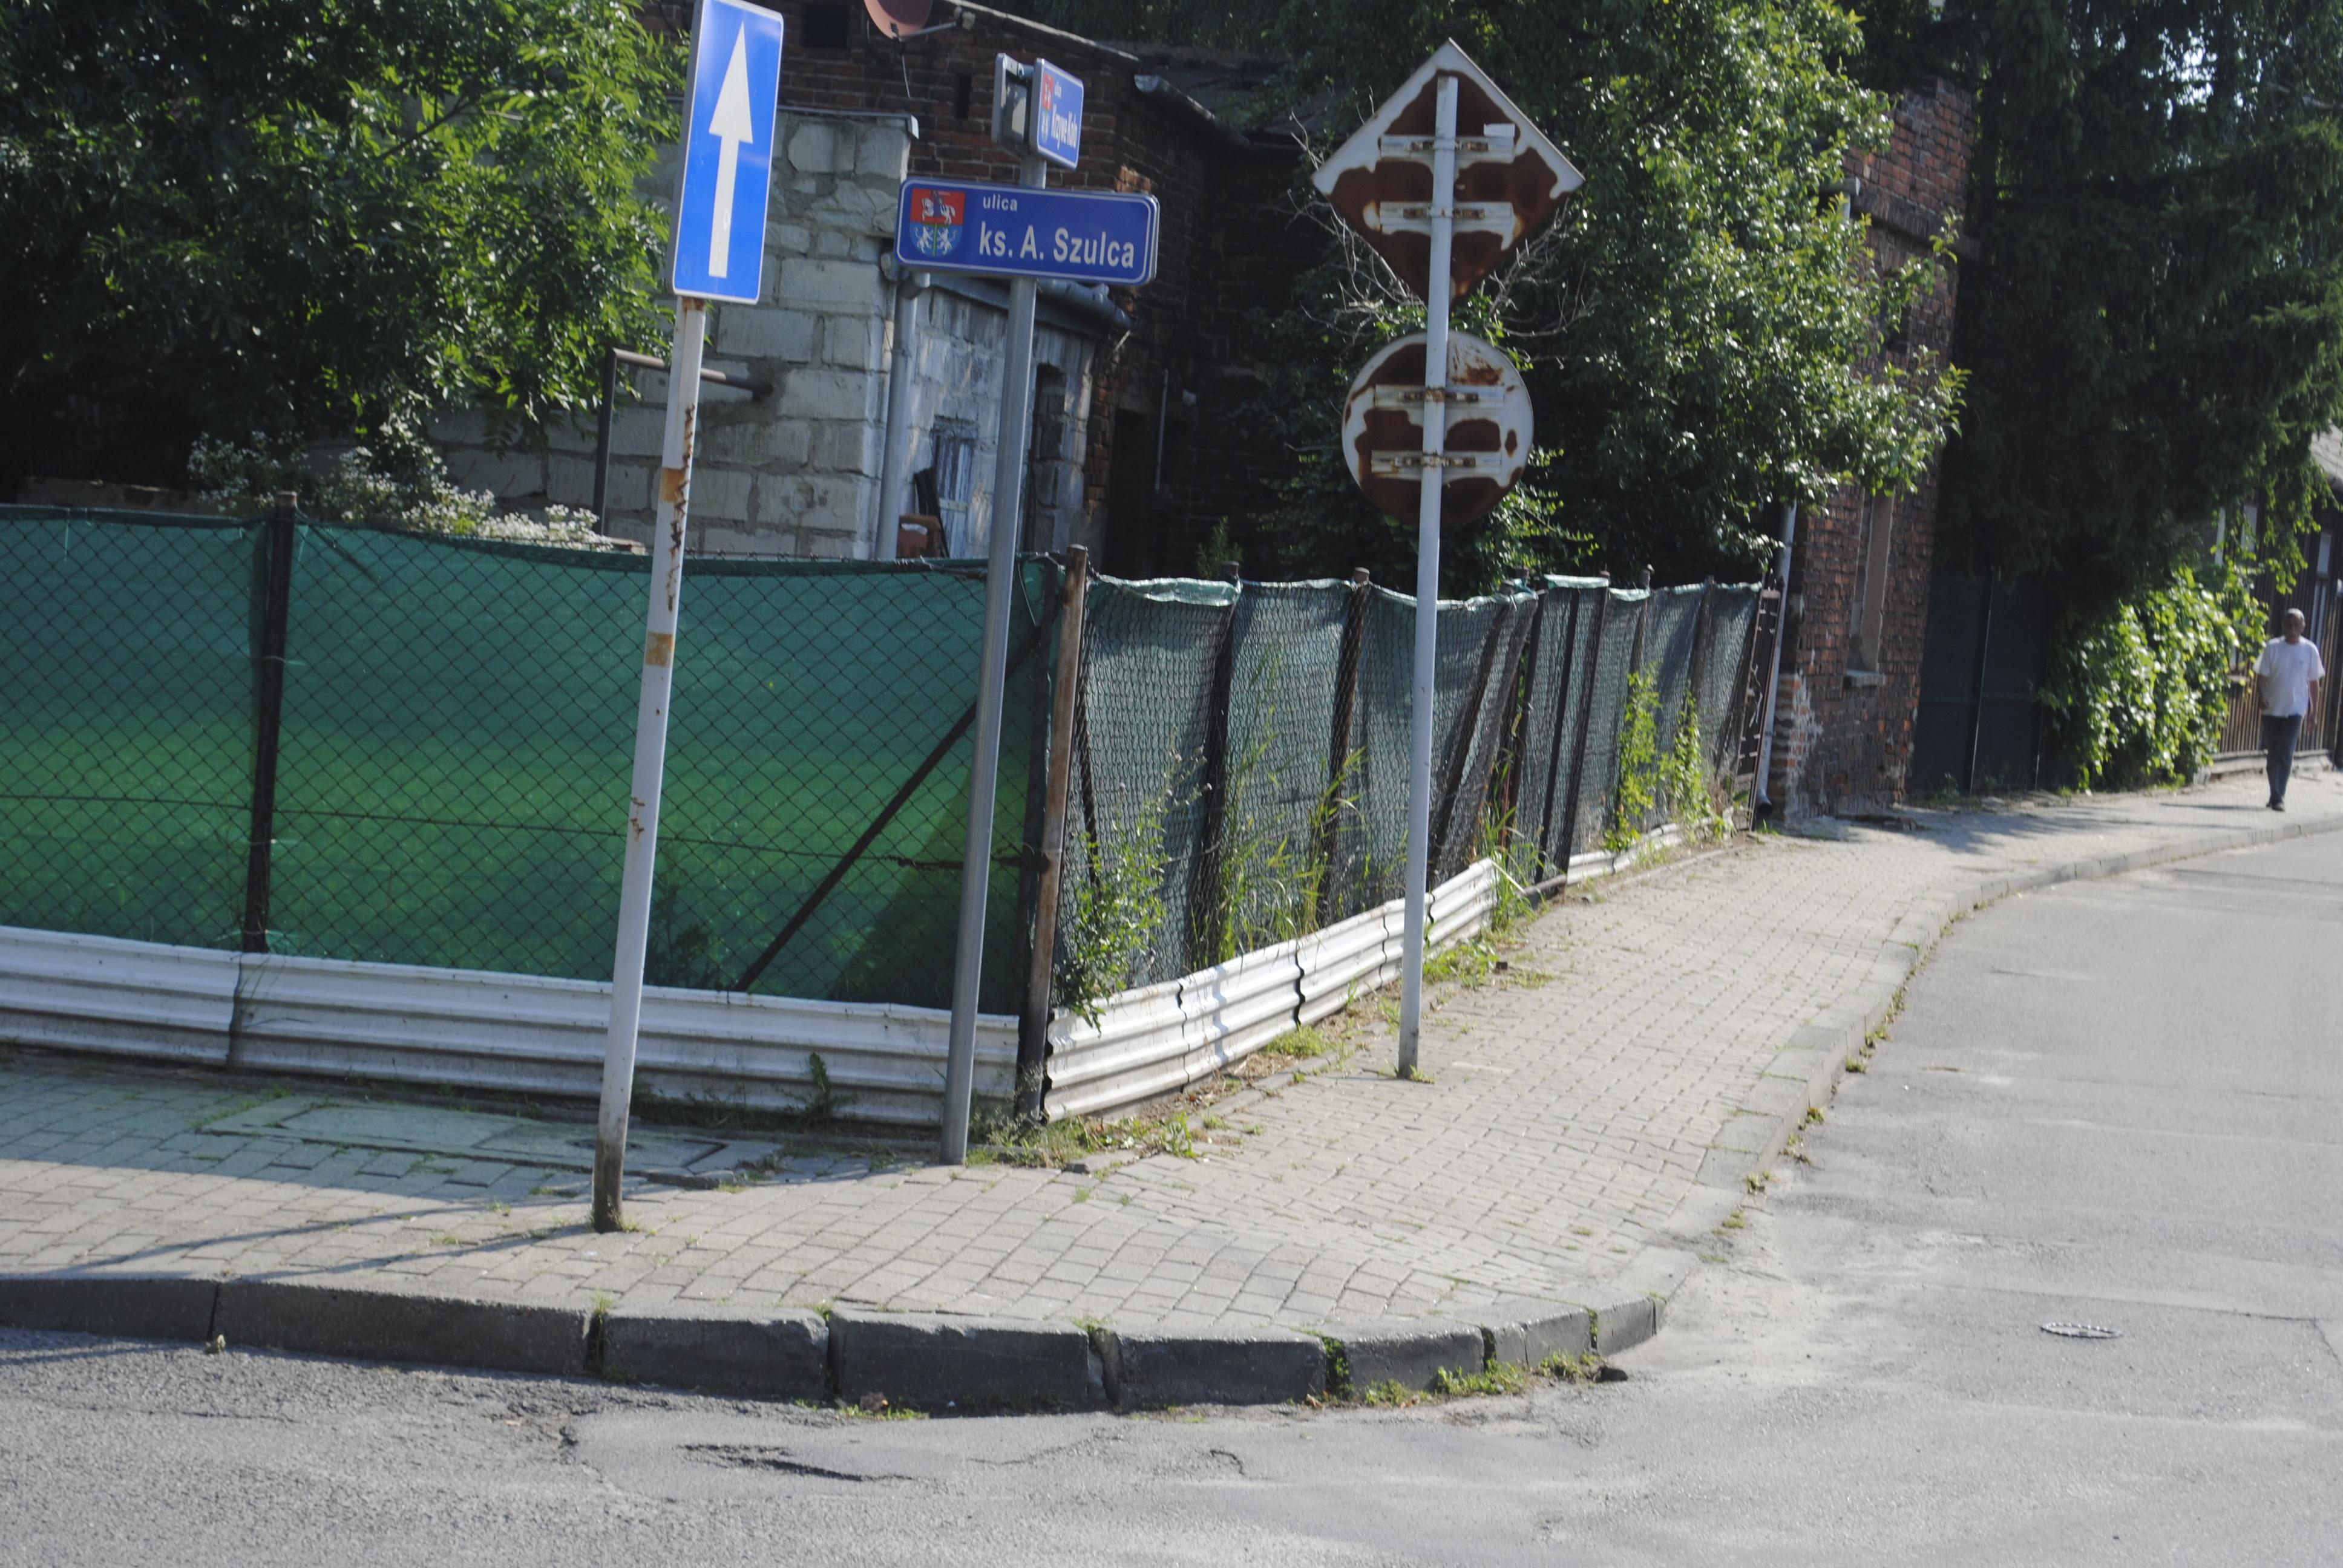 Zabójstwo w Lubartowie. Prokuratura chce aresztu dla nożownika - Zdjęcie główne